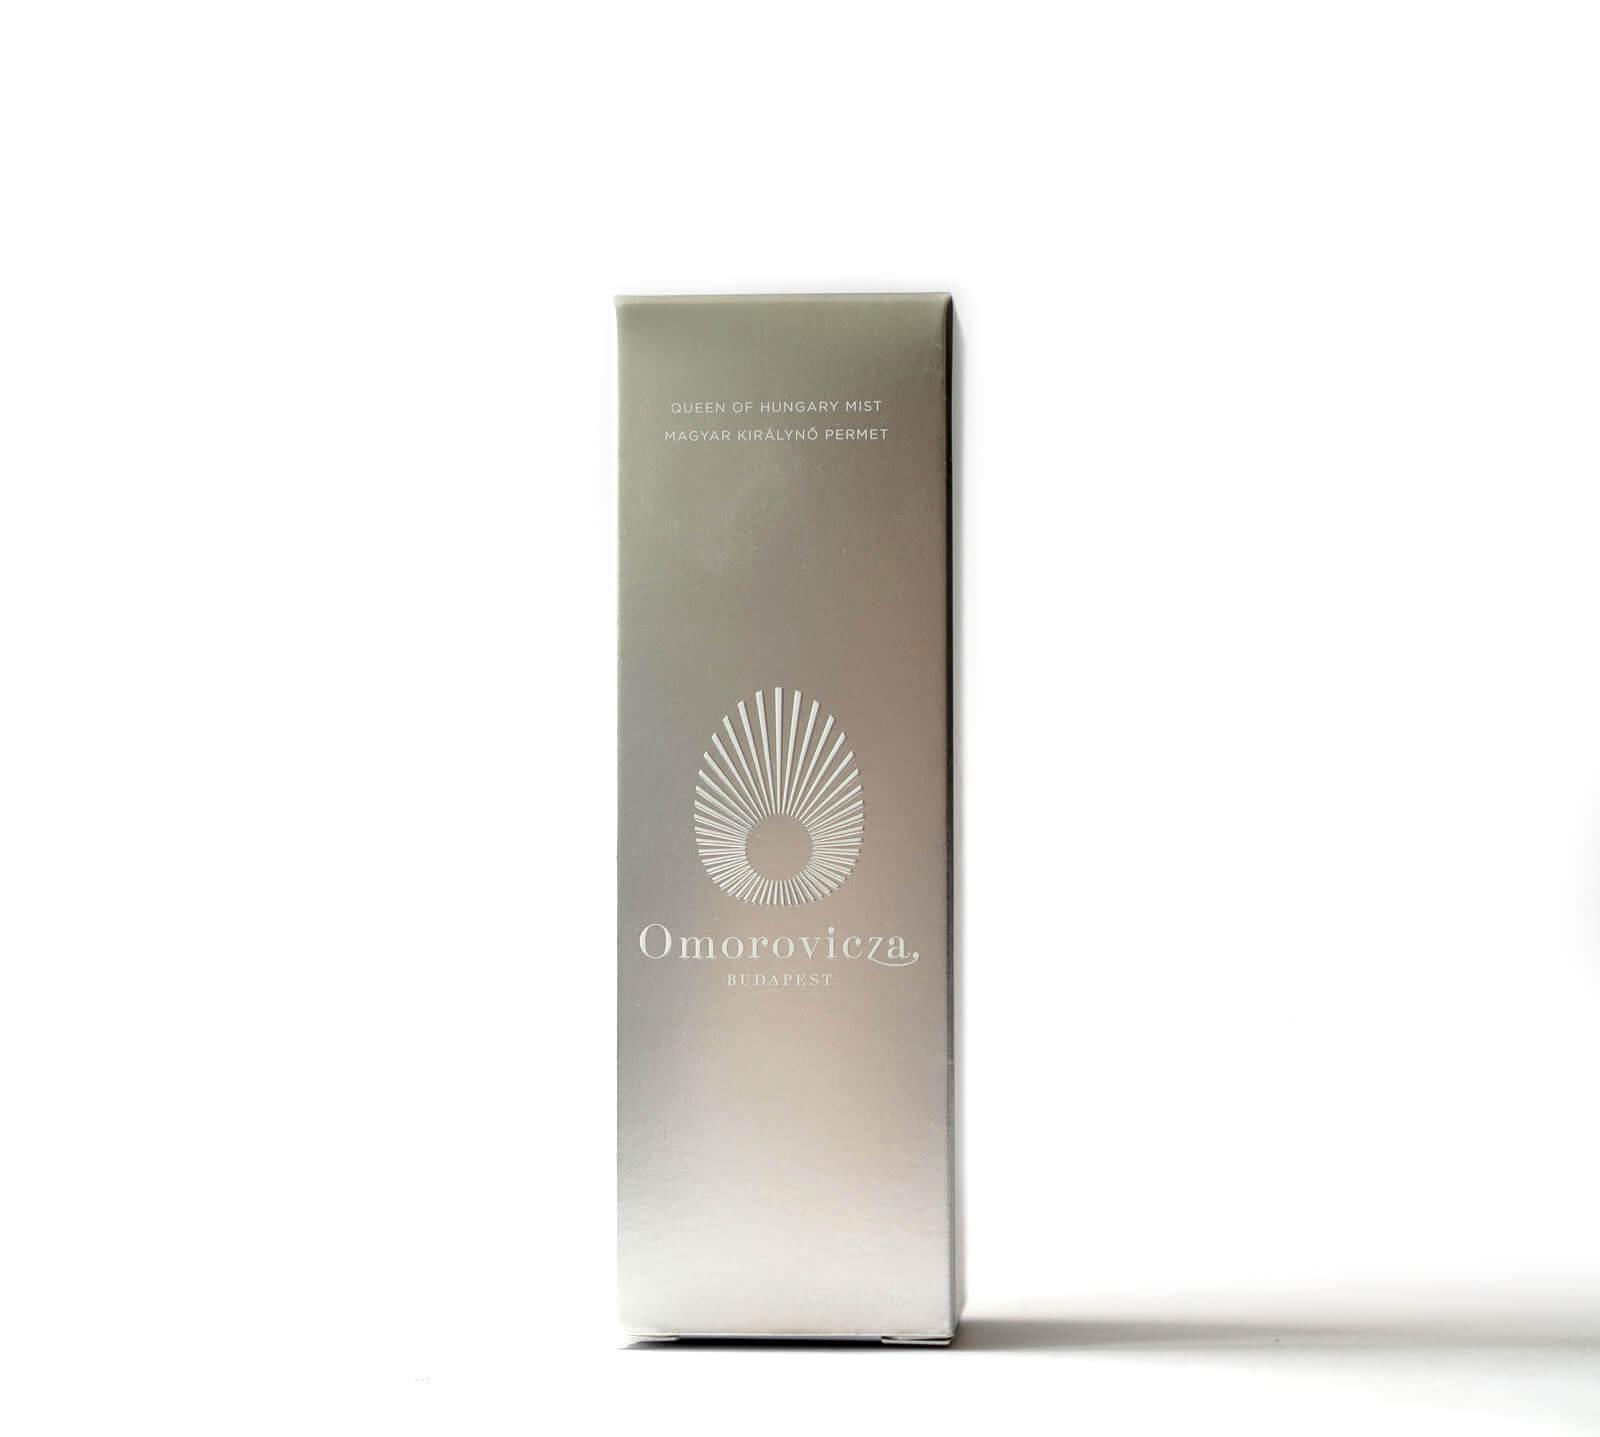 Queen of Hungary - Feuchtigkeitsspendes Erfrischungsspray - Mist Limited Edition von Omorovicza